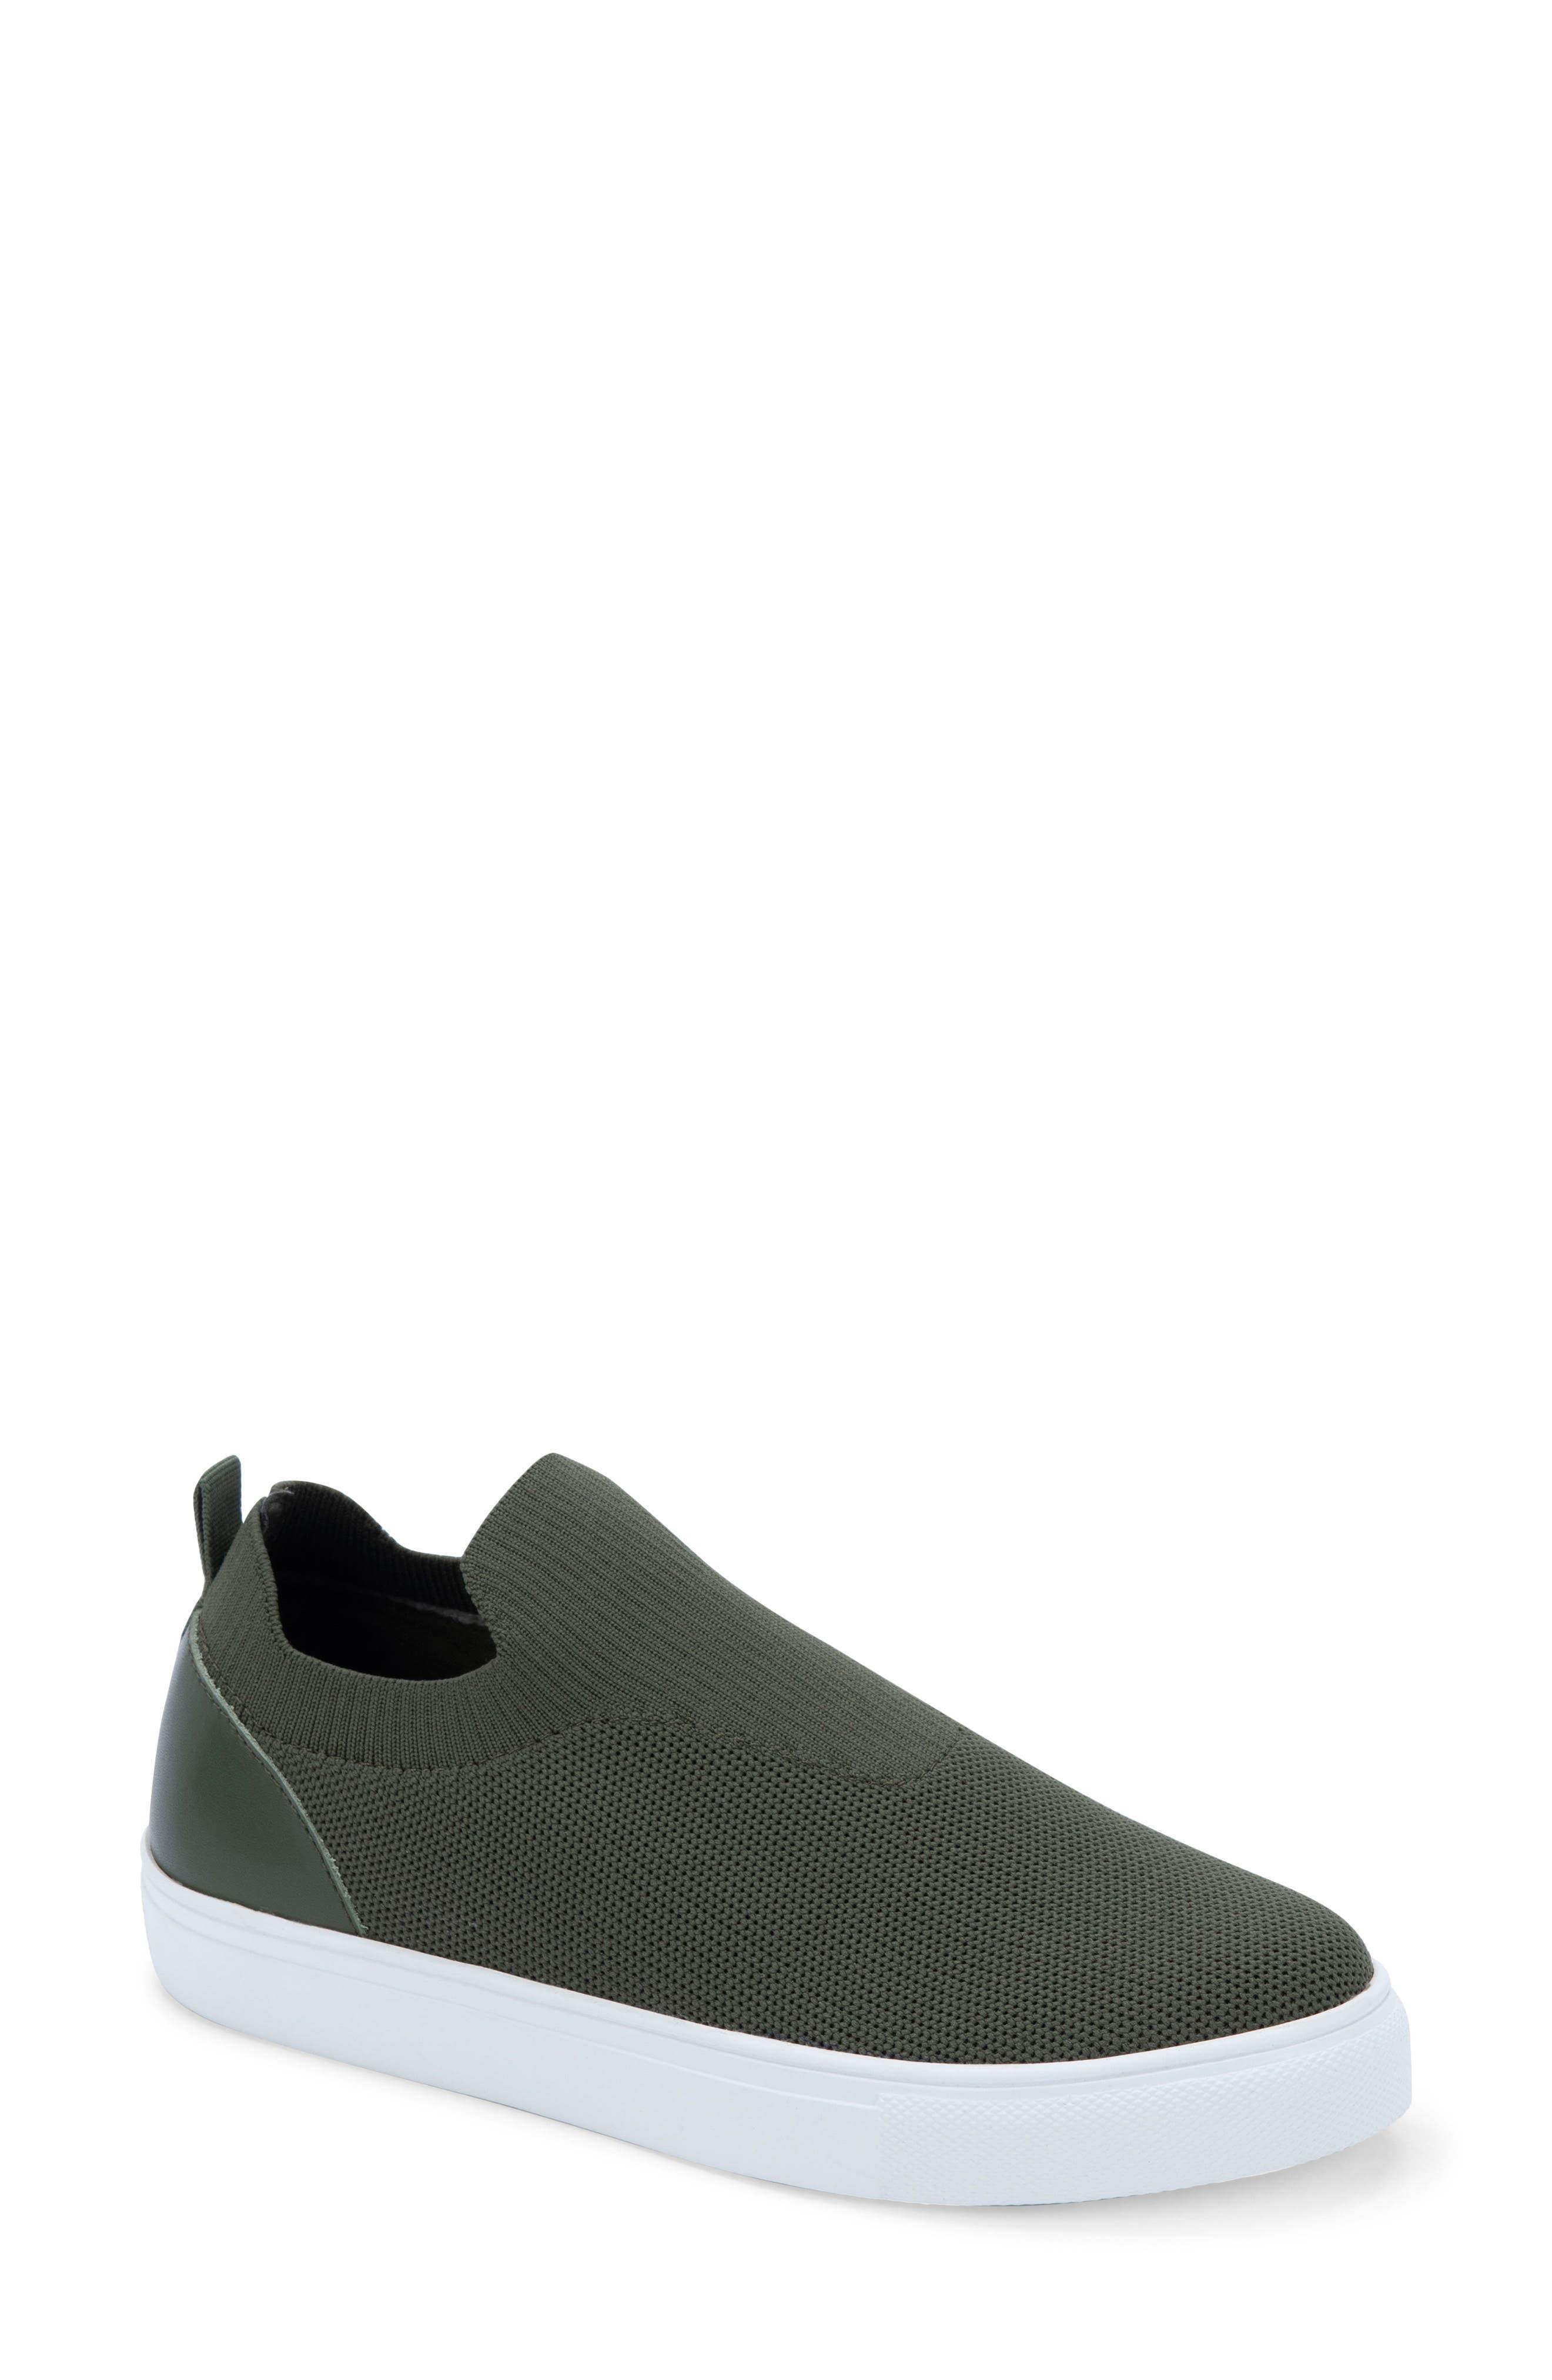 Kyla Waterproof Slip-On Sneaker